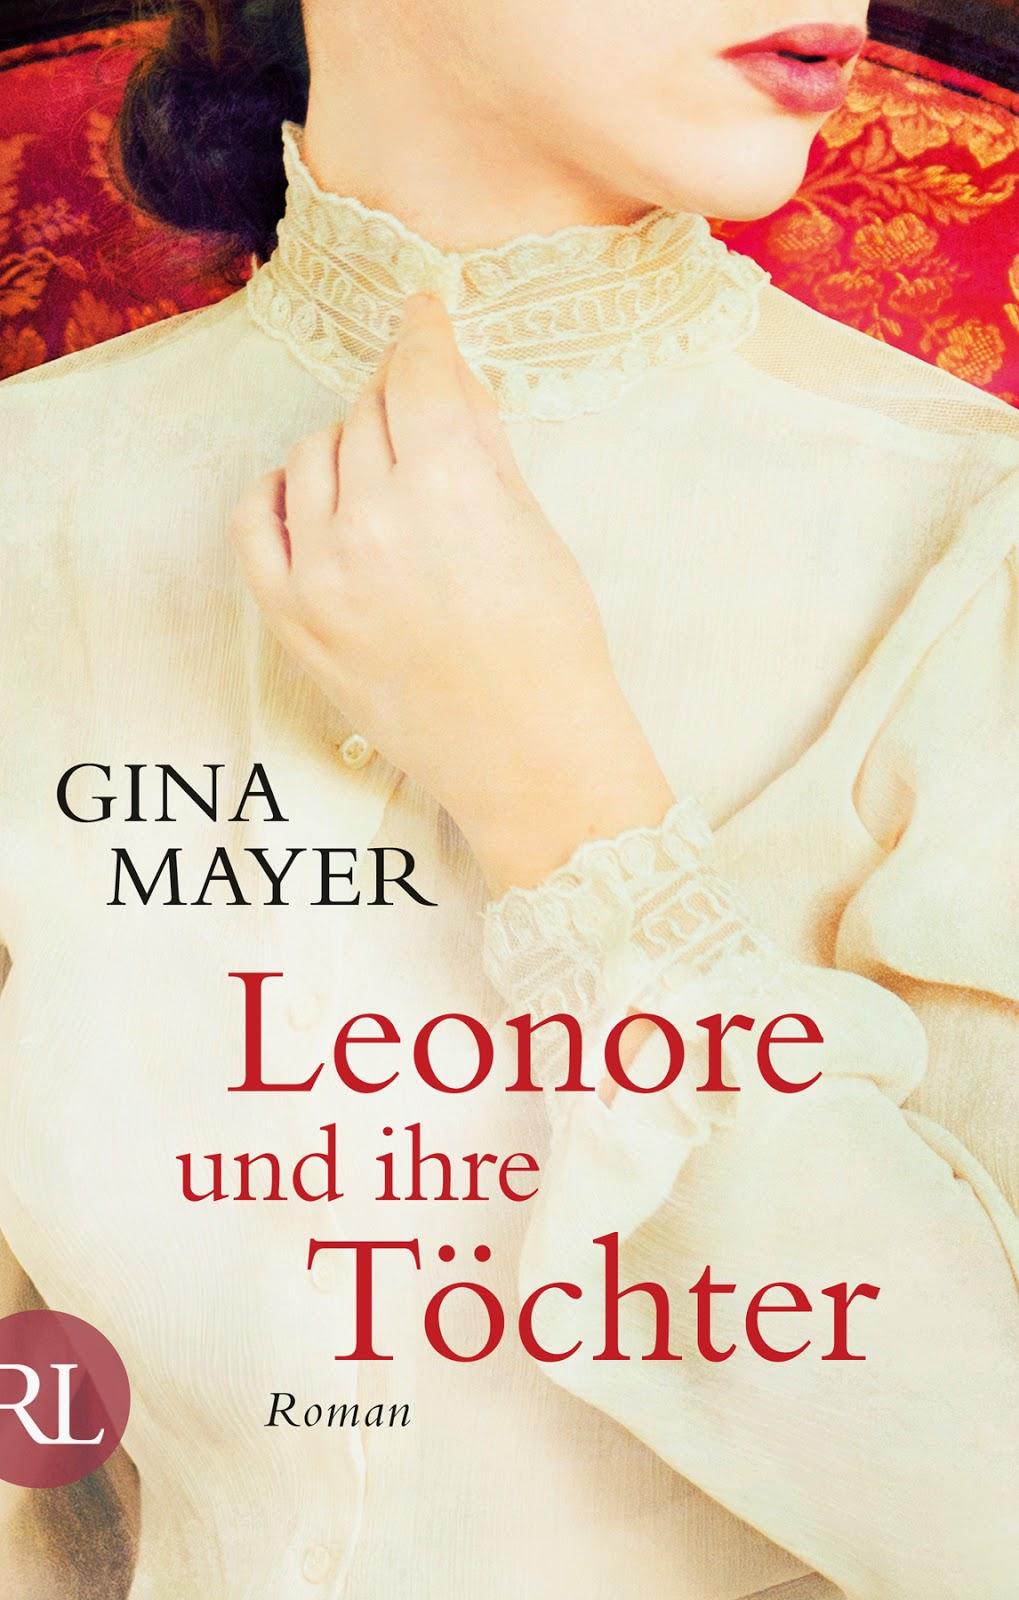 http://www.amazon.de/Leonore-ihre-T%C3%B6chter-Gina-Mayer/dp/3352008477/ref=sr_1_1?ie=UTF8&qid=1411220111&sr=8-1&keywords=leonore+und+ihre+t%C3%B6chter